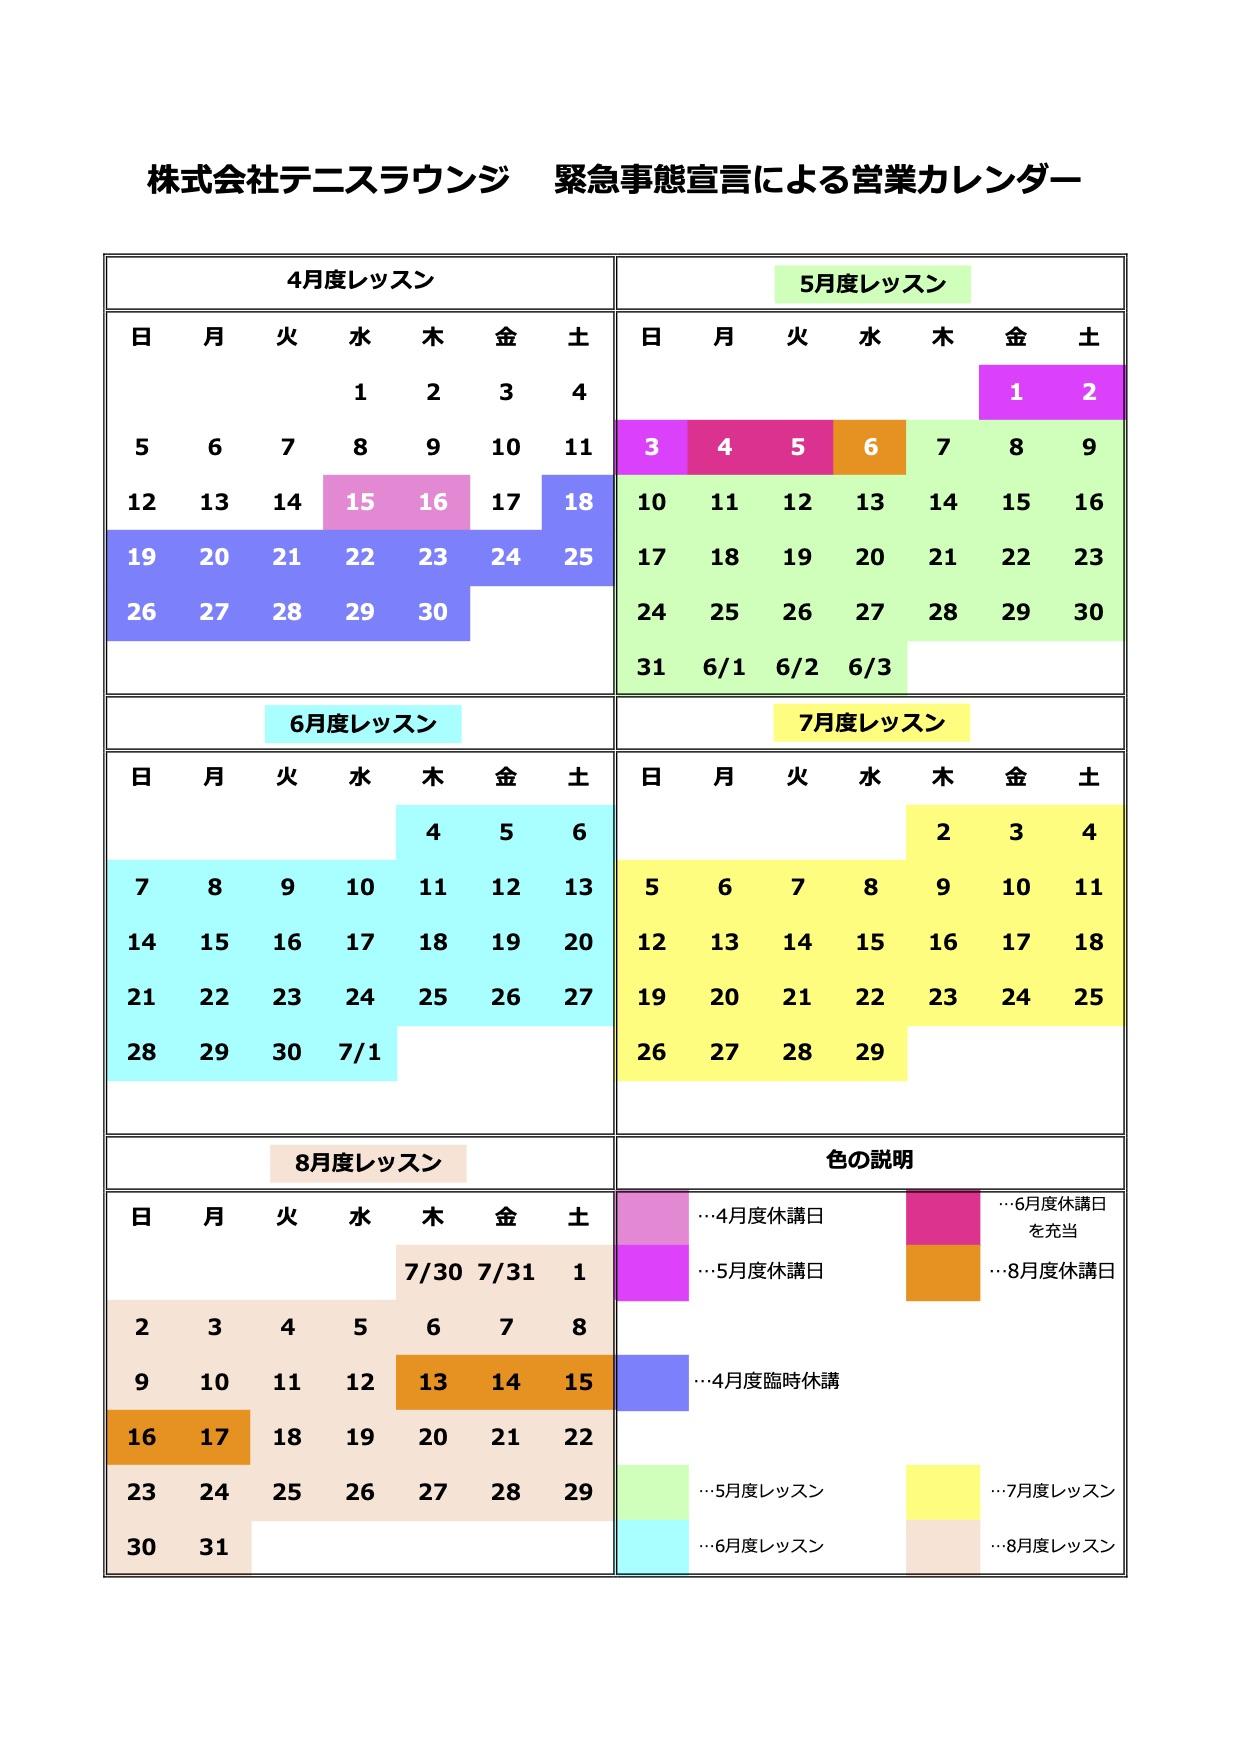 【愛知県】新型コロナウイルス感染拡大防止に対する臨時休講のお知らせ